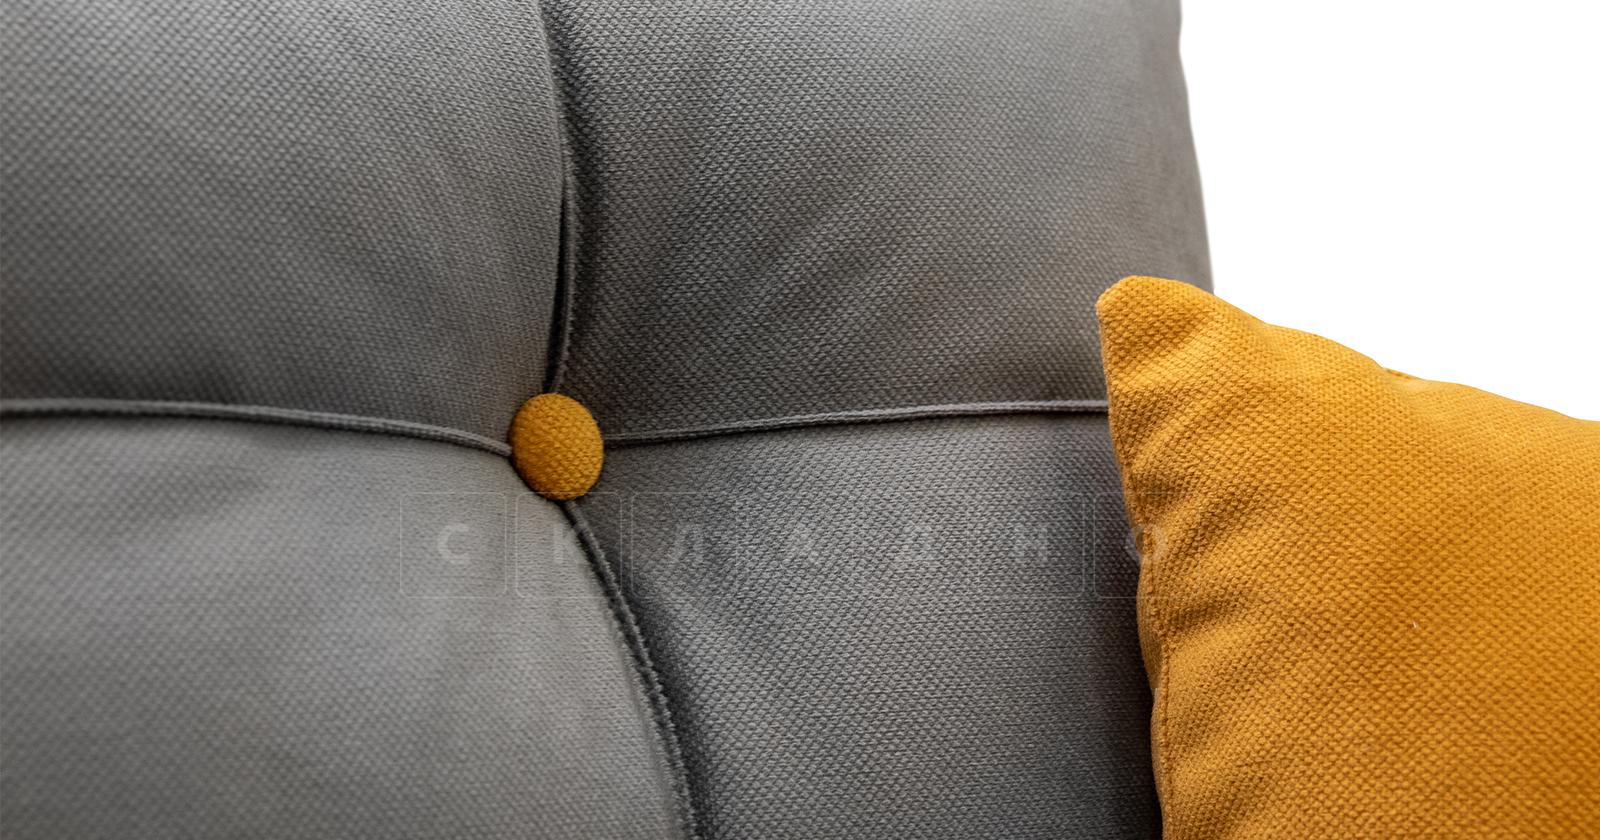 Диван-кровать угловой Флэтфорд кварцевый серый фото 12   интернет-магазин Складно